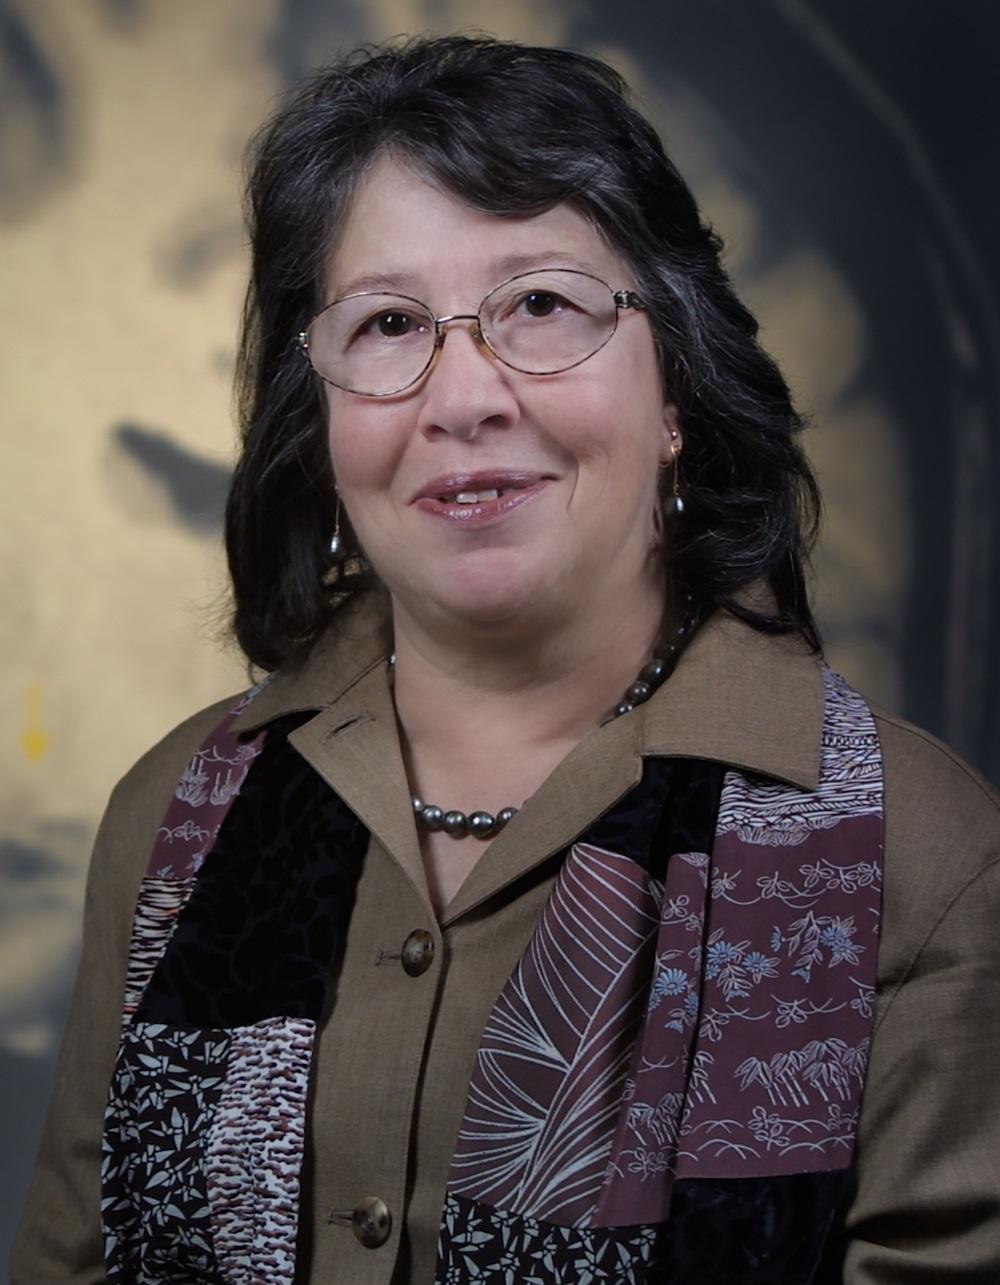 Leyla de Toledo-Morrell